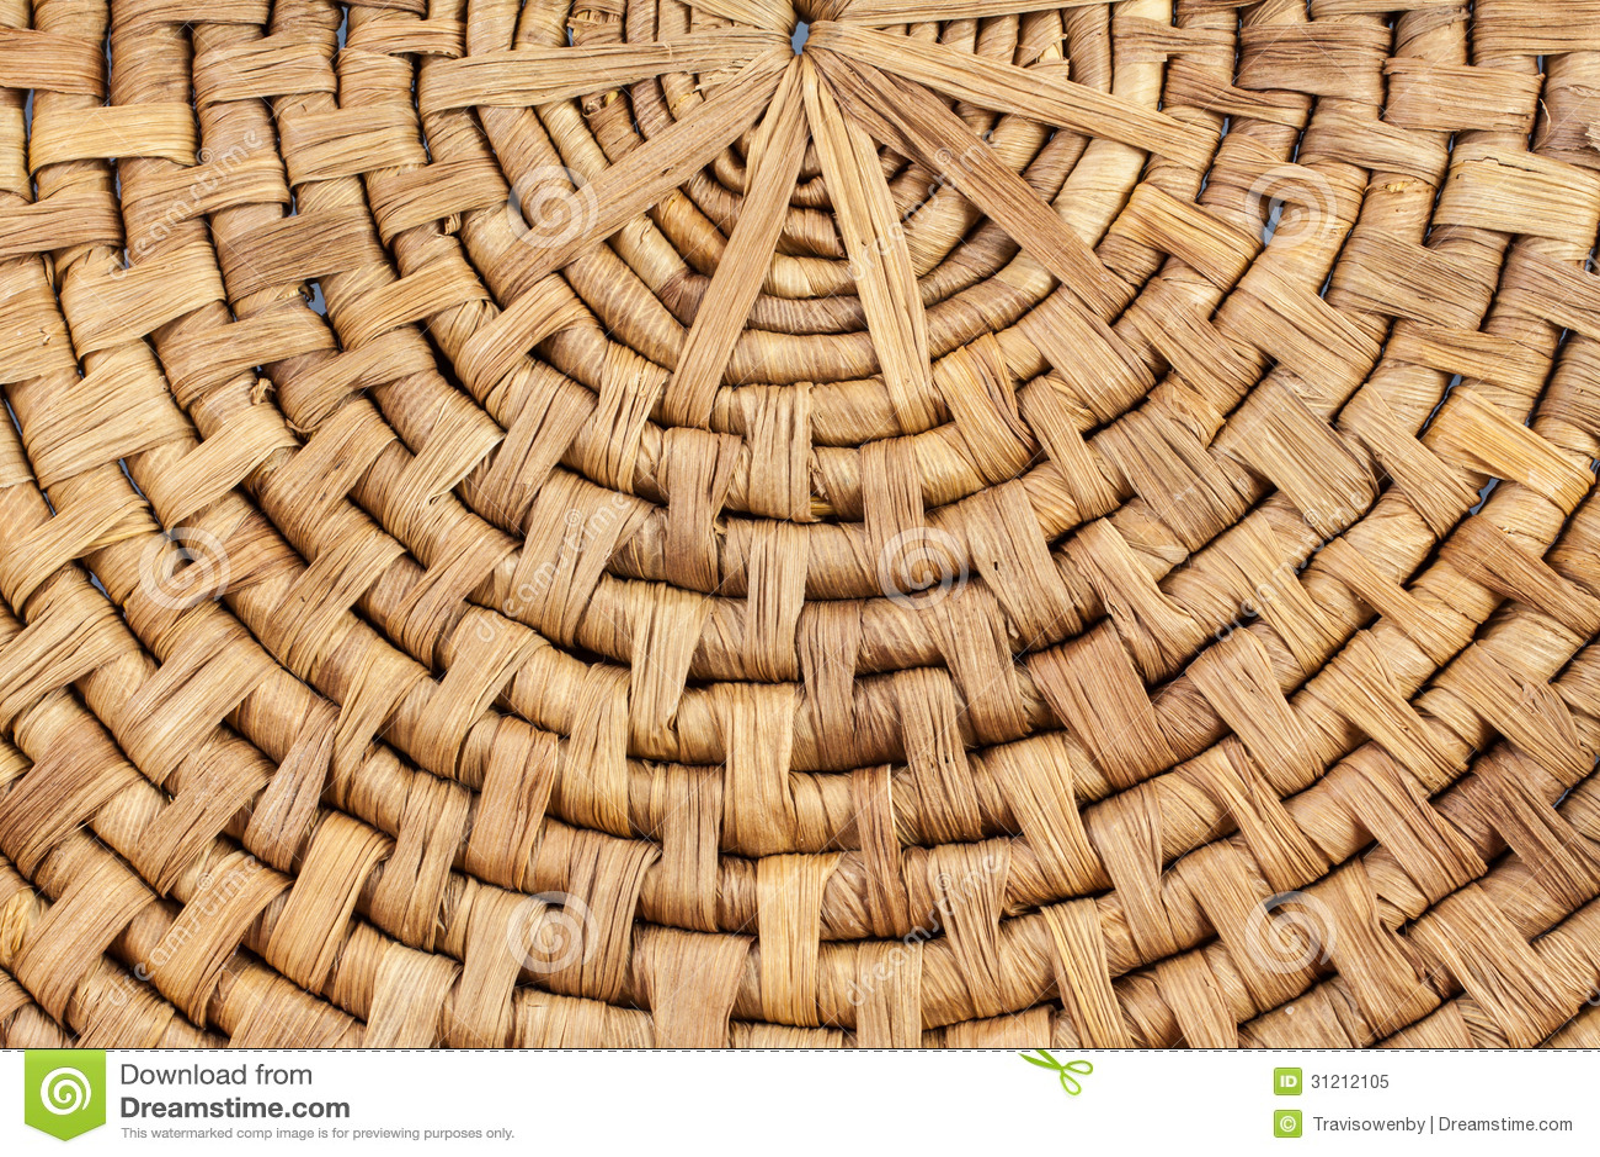 Free Basket Weaving Patterns Pictures : Basket pattern royalty free stock photo image